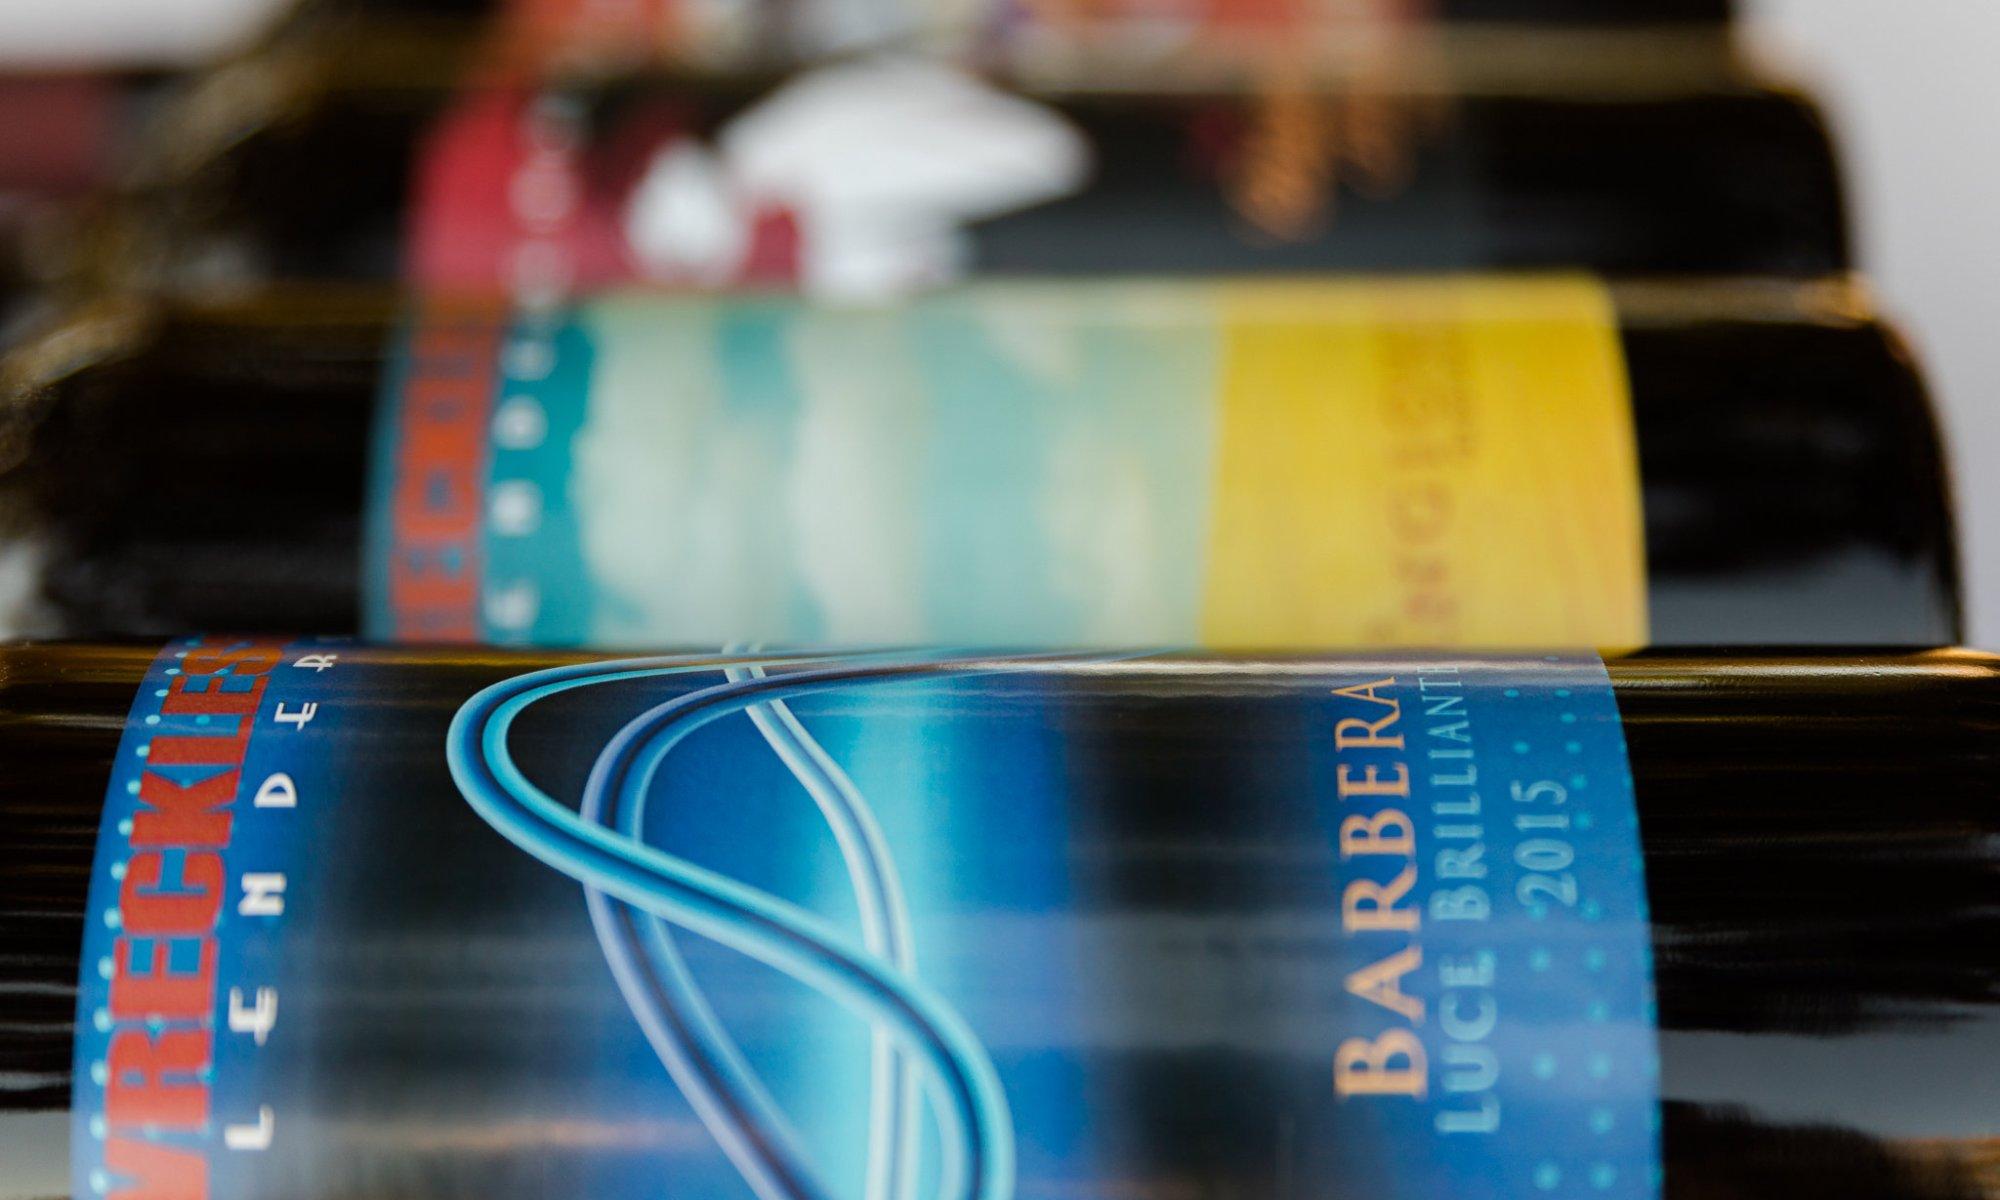 Buy Wreckless Blenders Wine